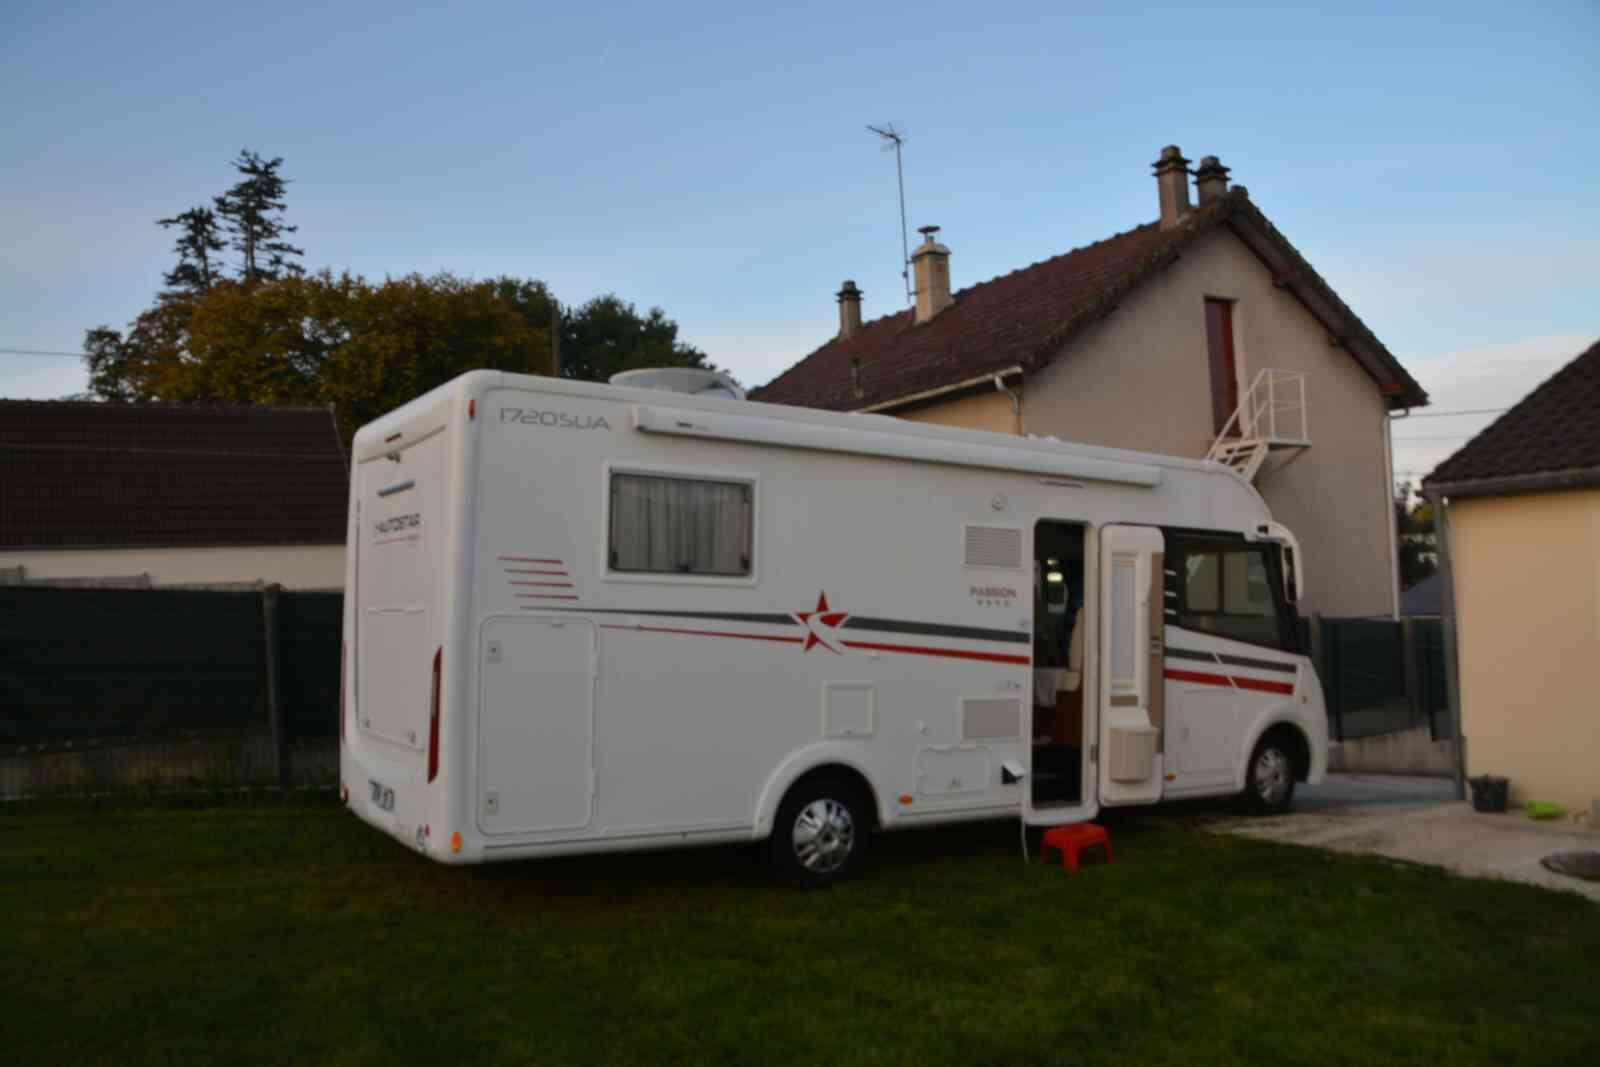 camping-car AUTOSTAR I 720 SUA